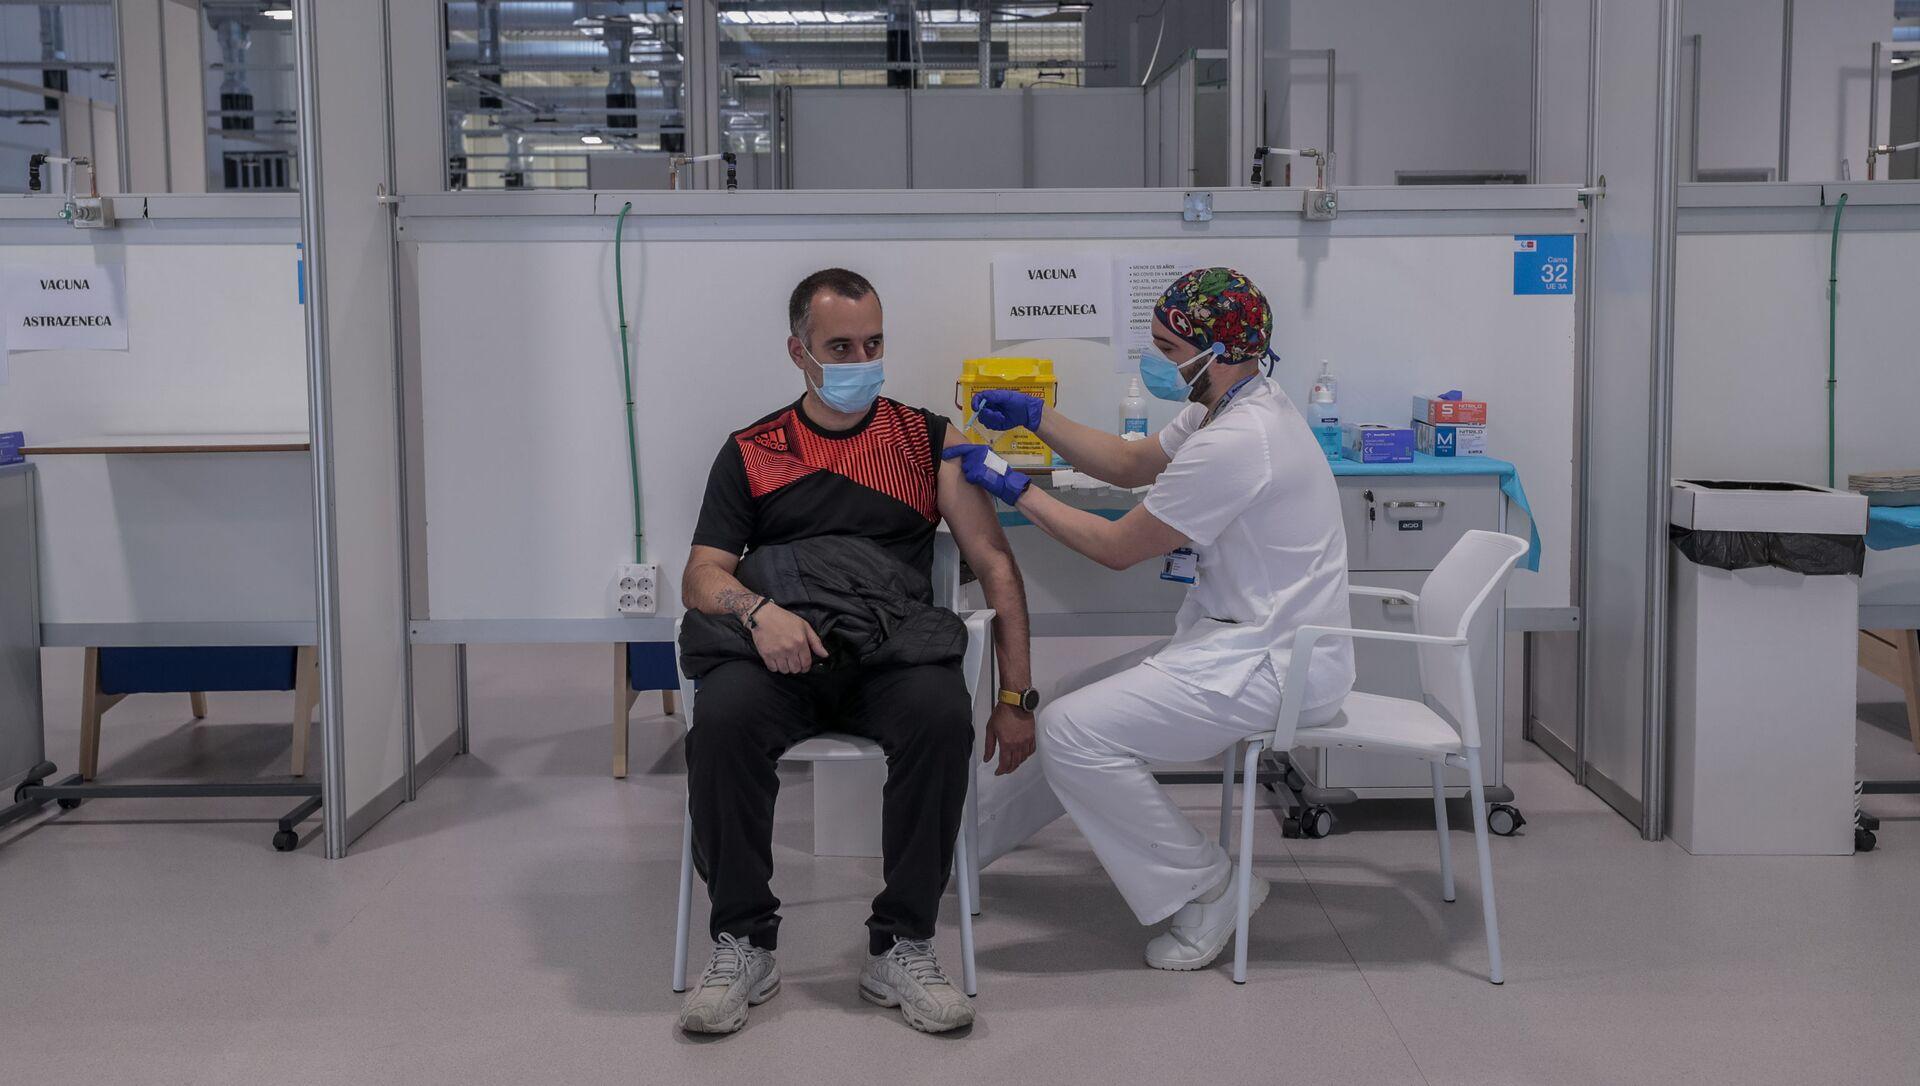 Мужчина получает вакцину AstraZeneca в больнице Мадрида - Sputnik 日本, 1920, 23.03.2021